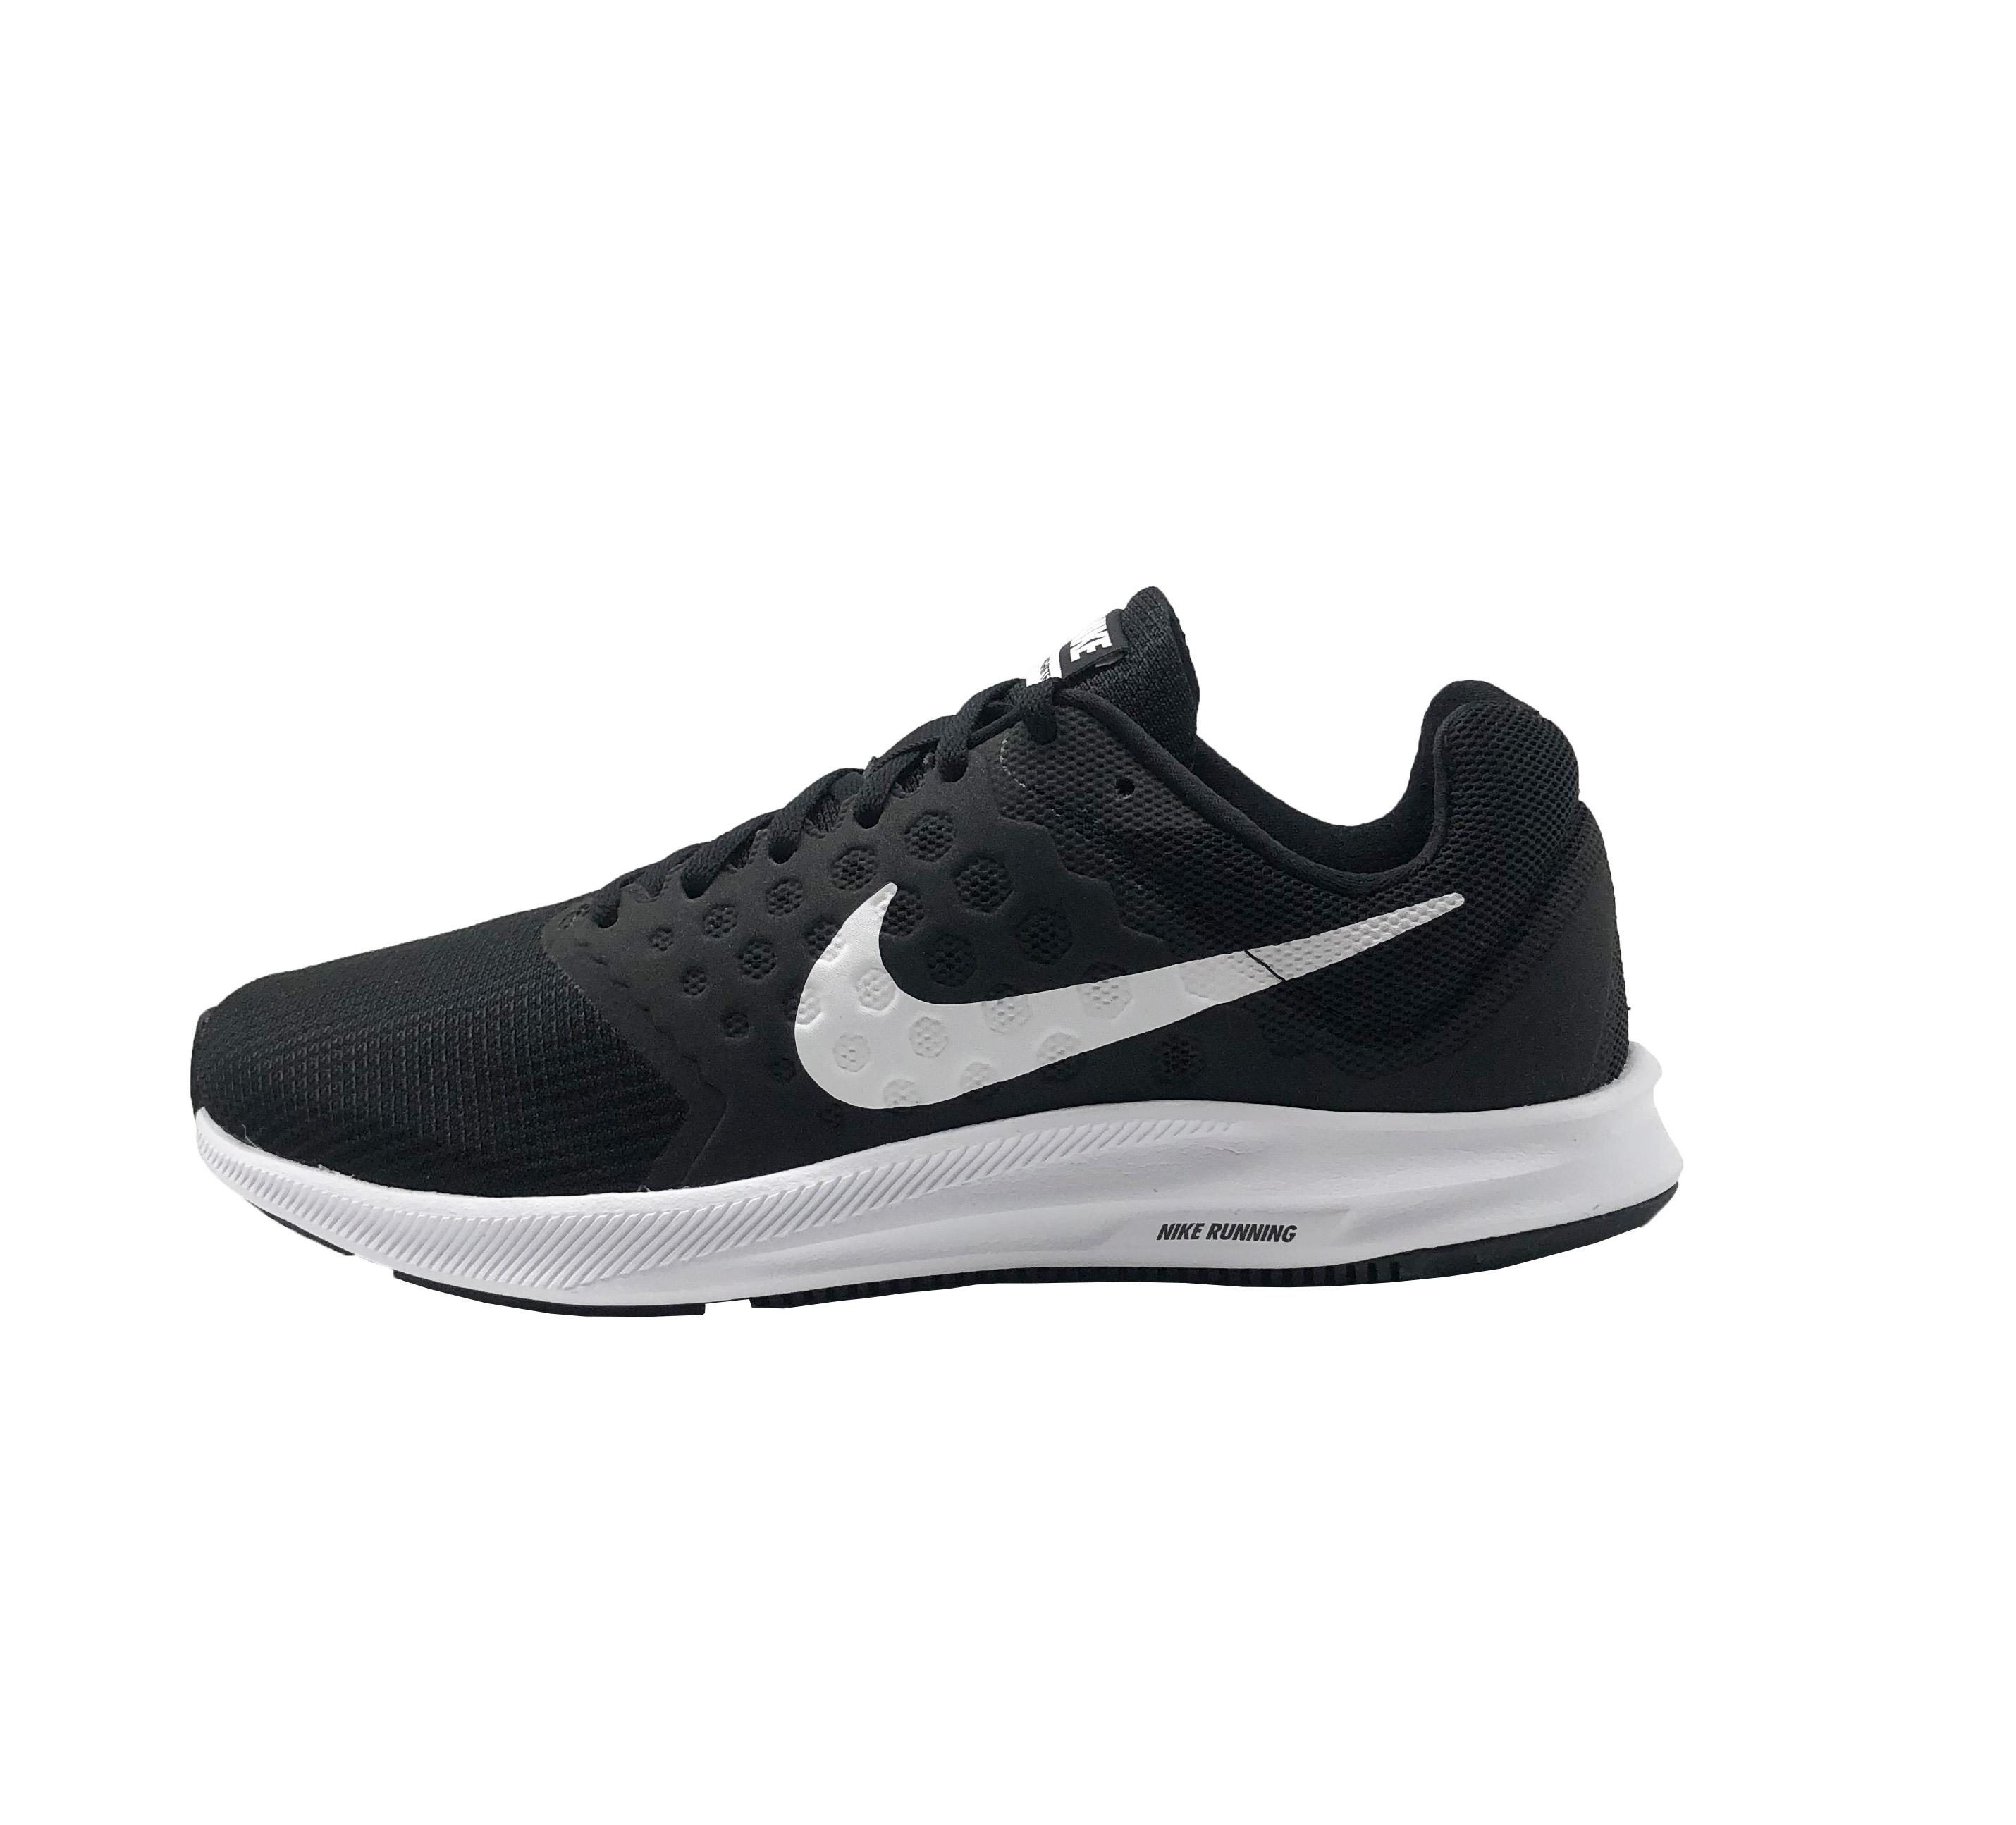 Nike Downshifter 7 852466 010 Womens